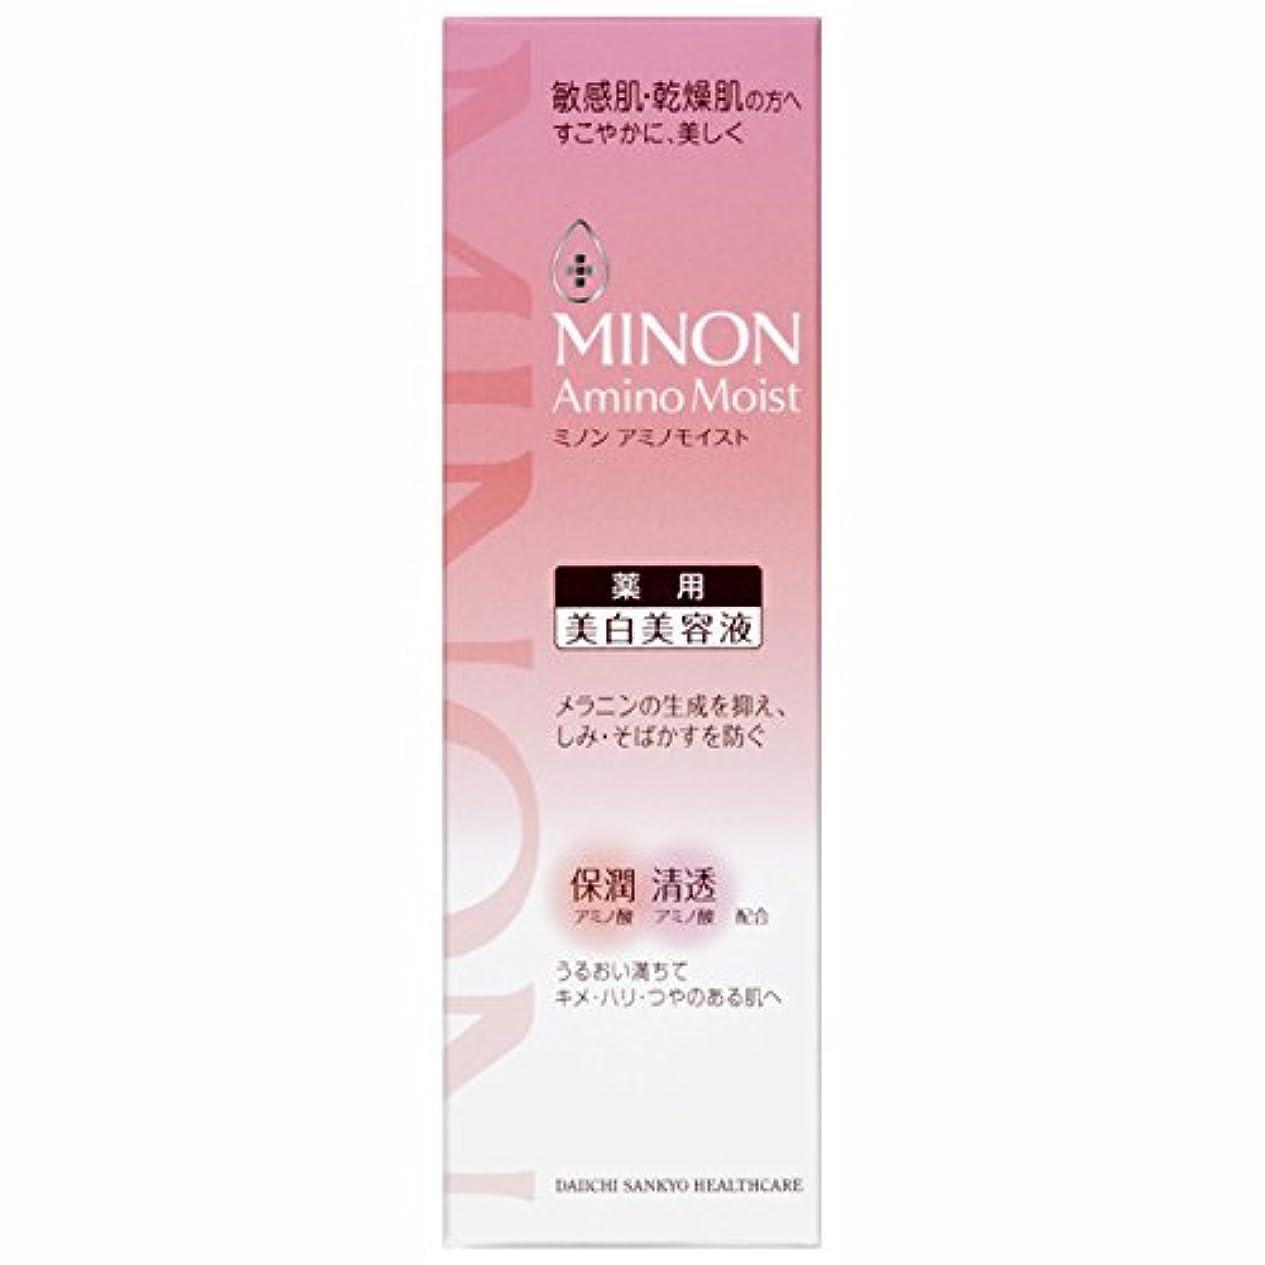 豊かな昼間無声でミノン アミノモイスト 薬用マイルド ホワイトニング 30g (医薬部外品)